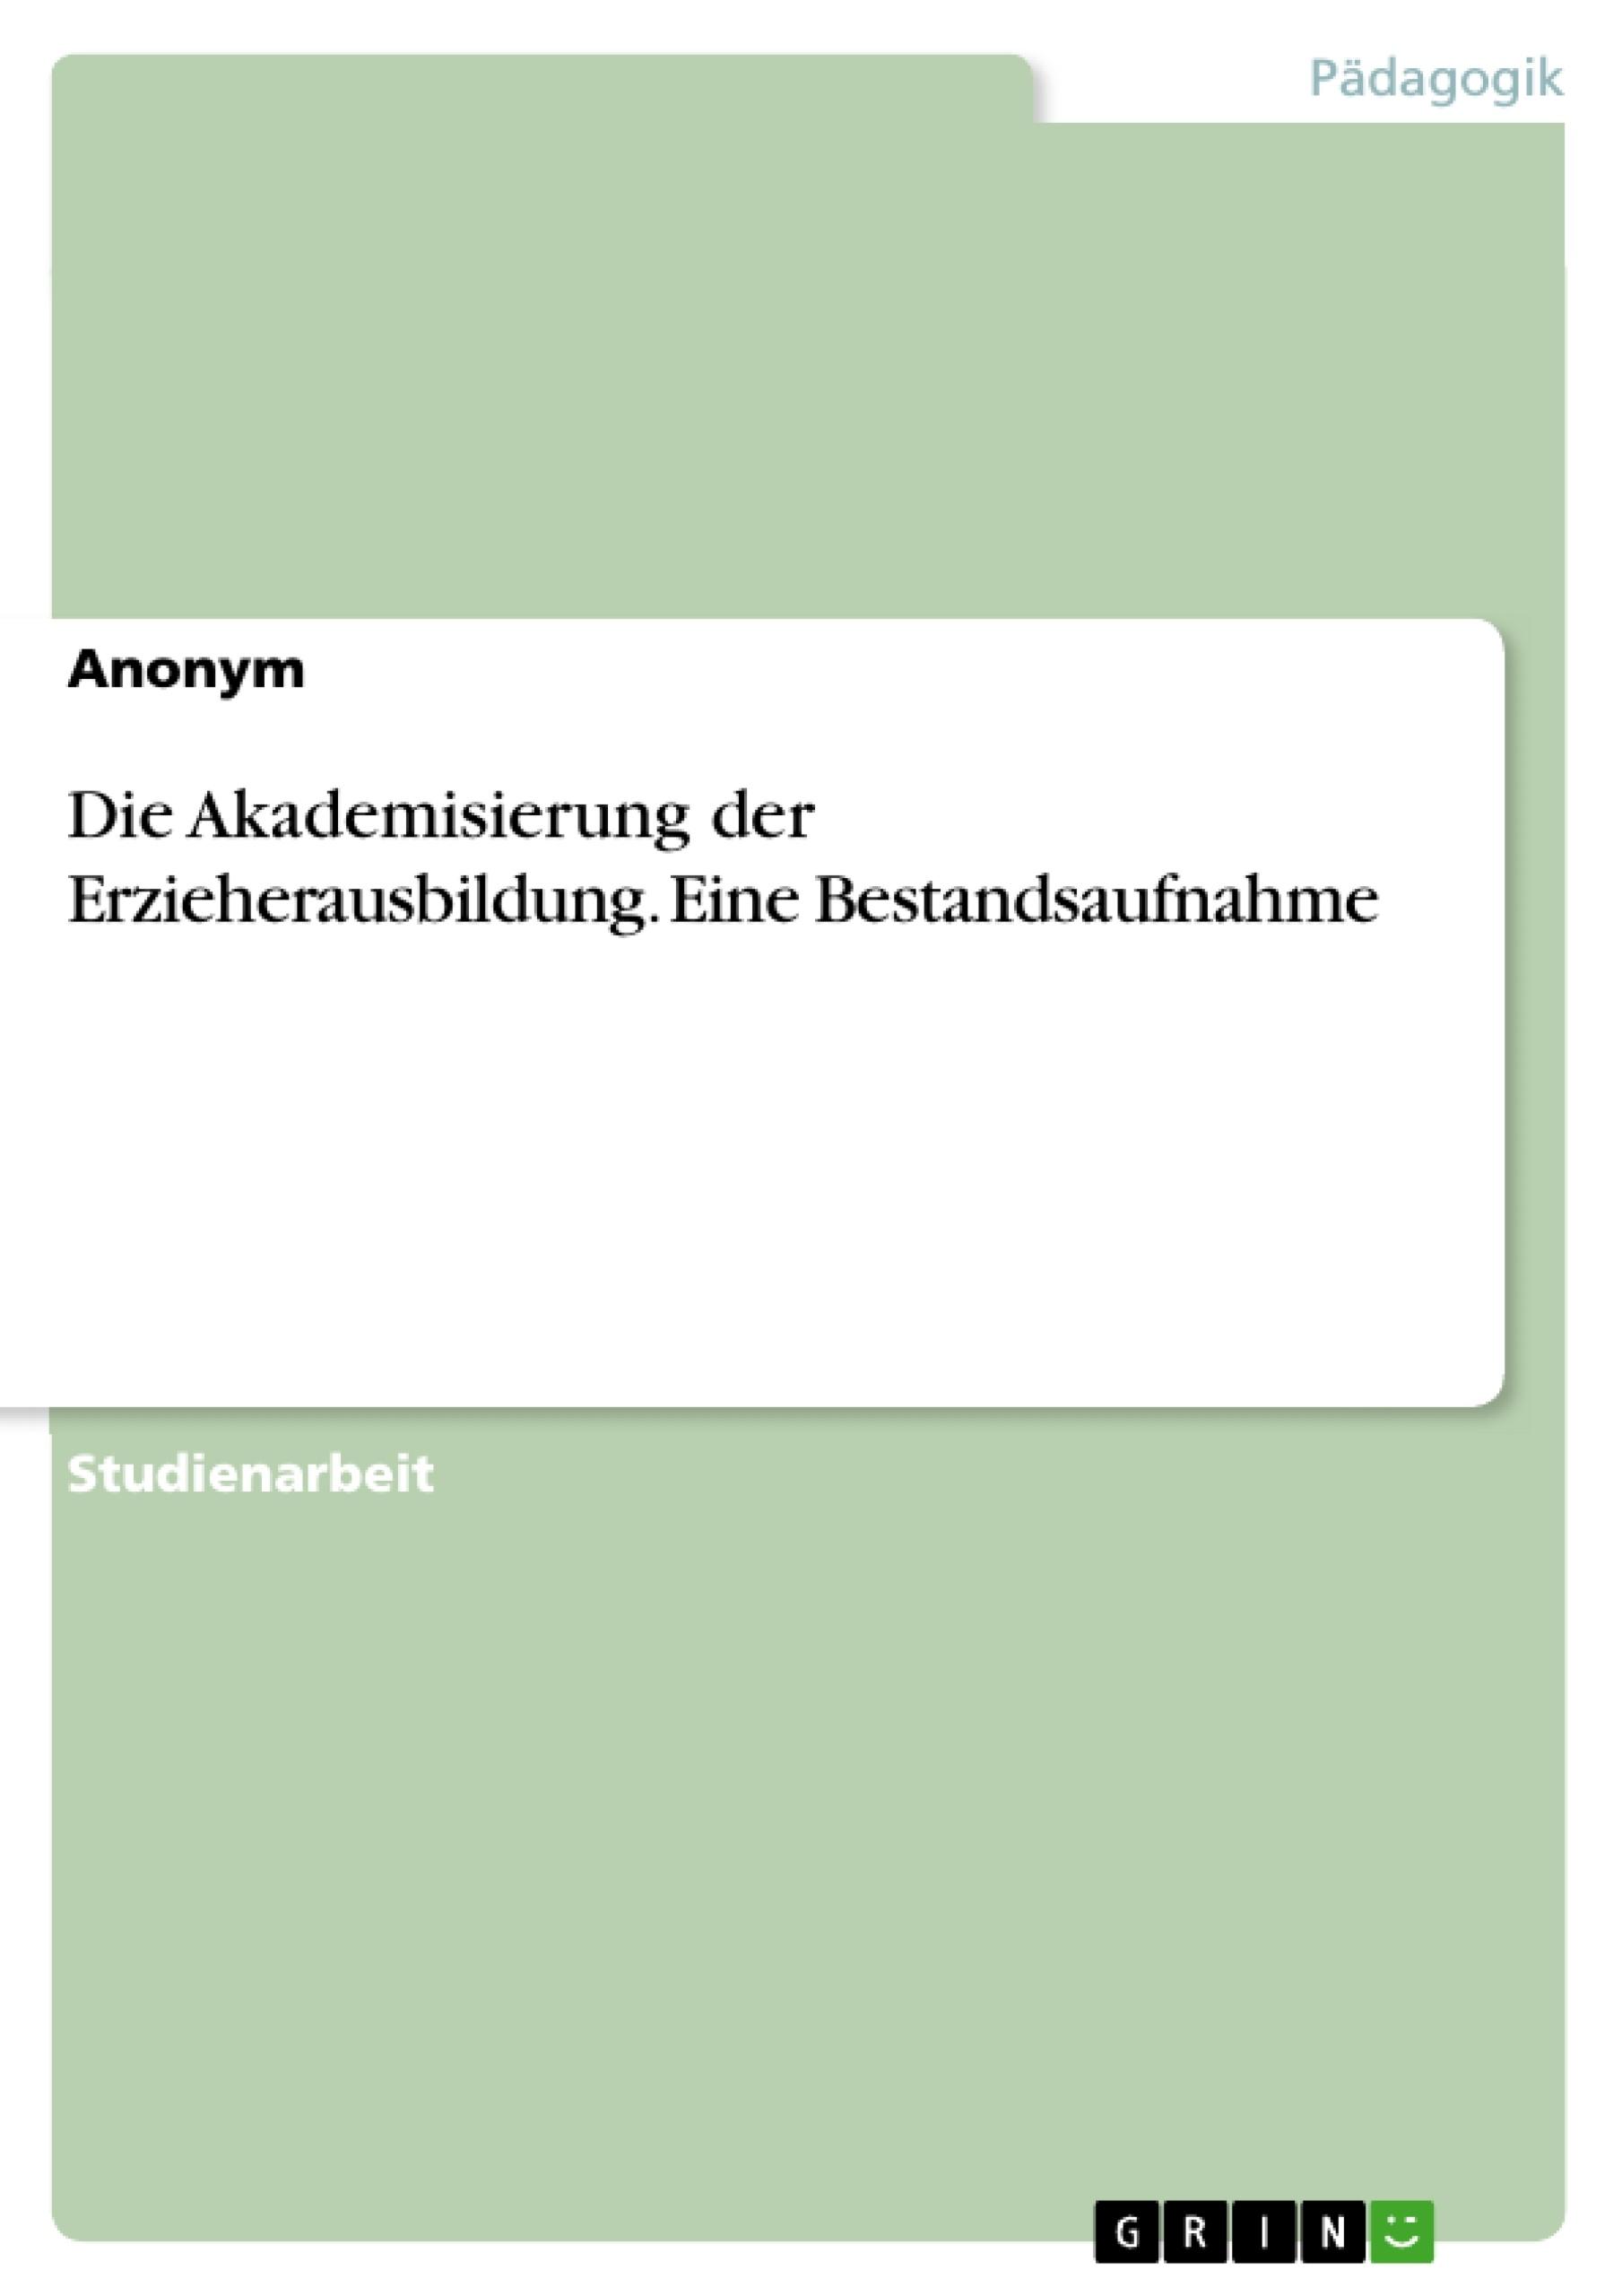 Titel: Die Akademisierung der Erzieherausbildung. Eine Bestandsaufnahme